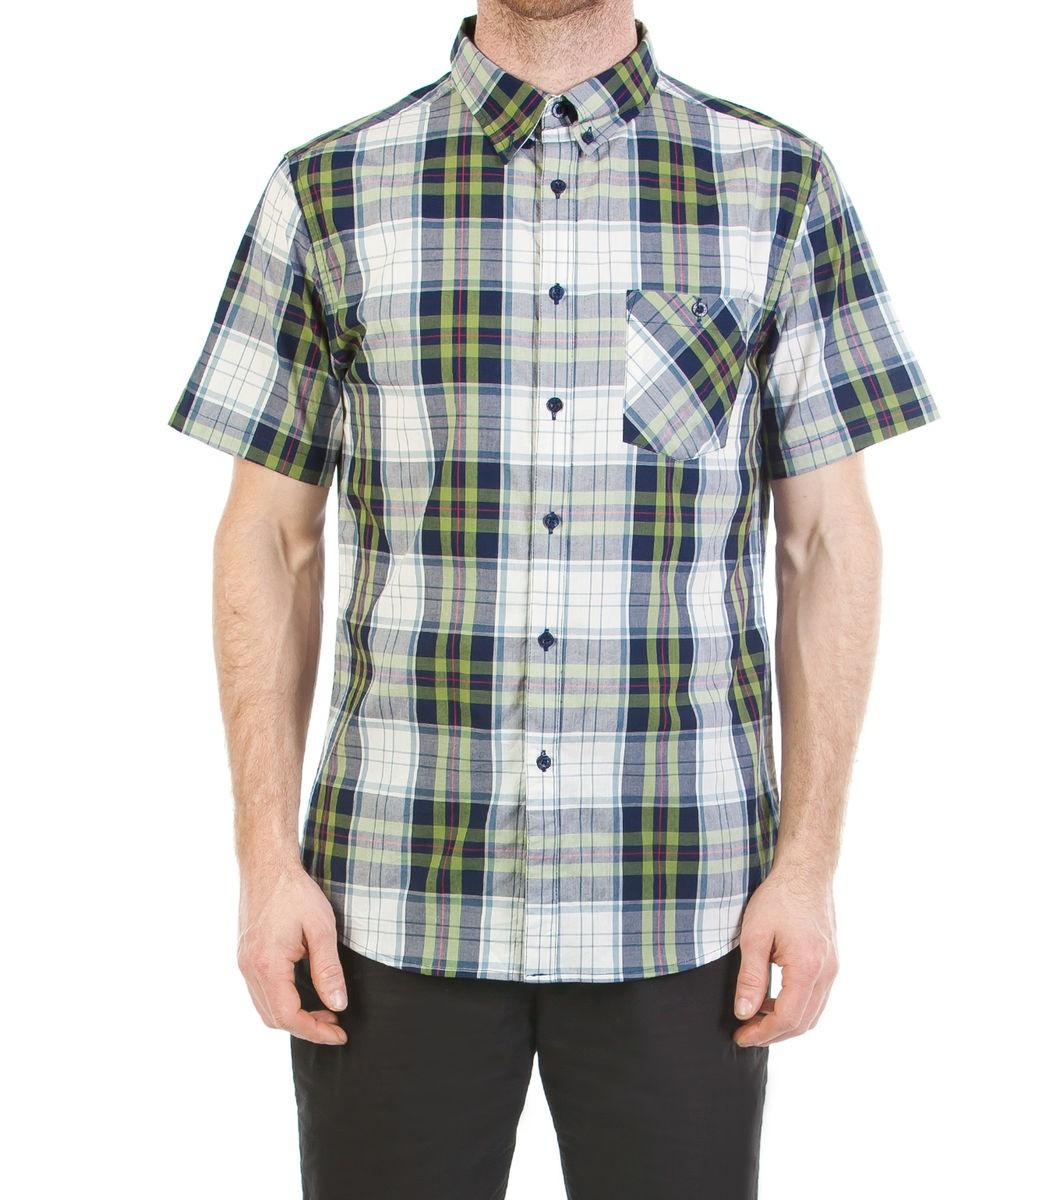 Tony SS Shirt